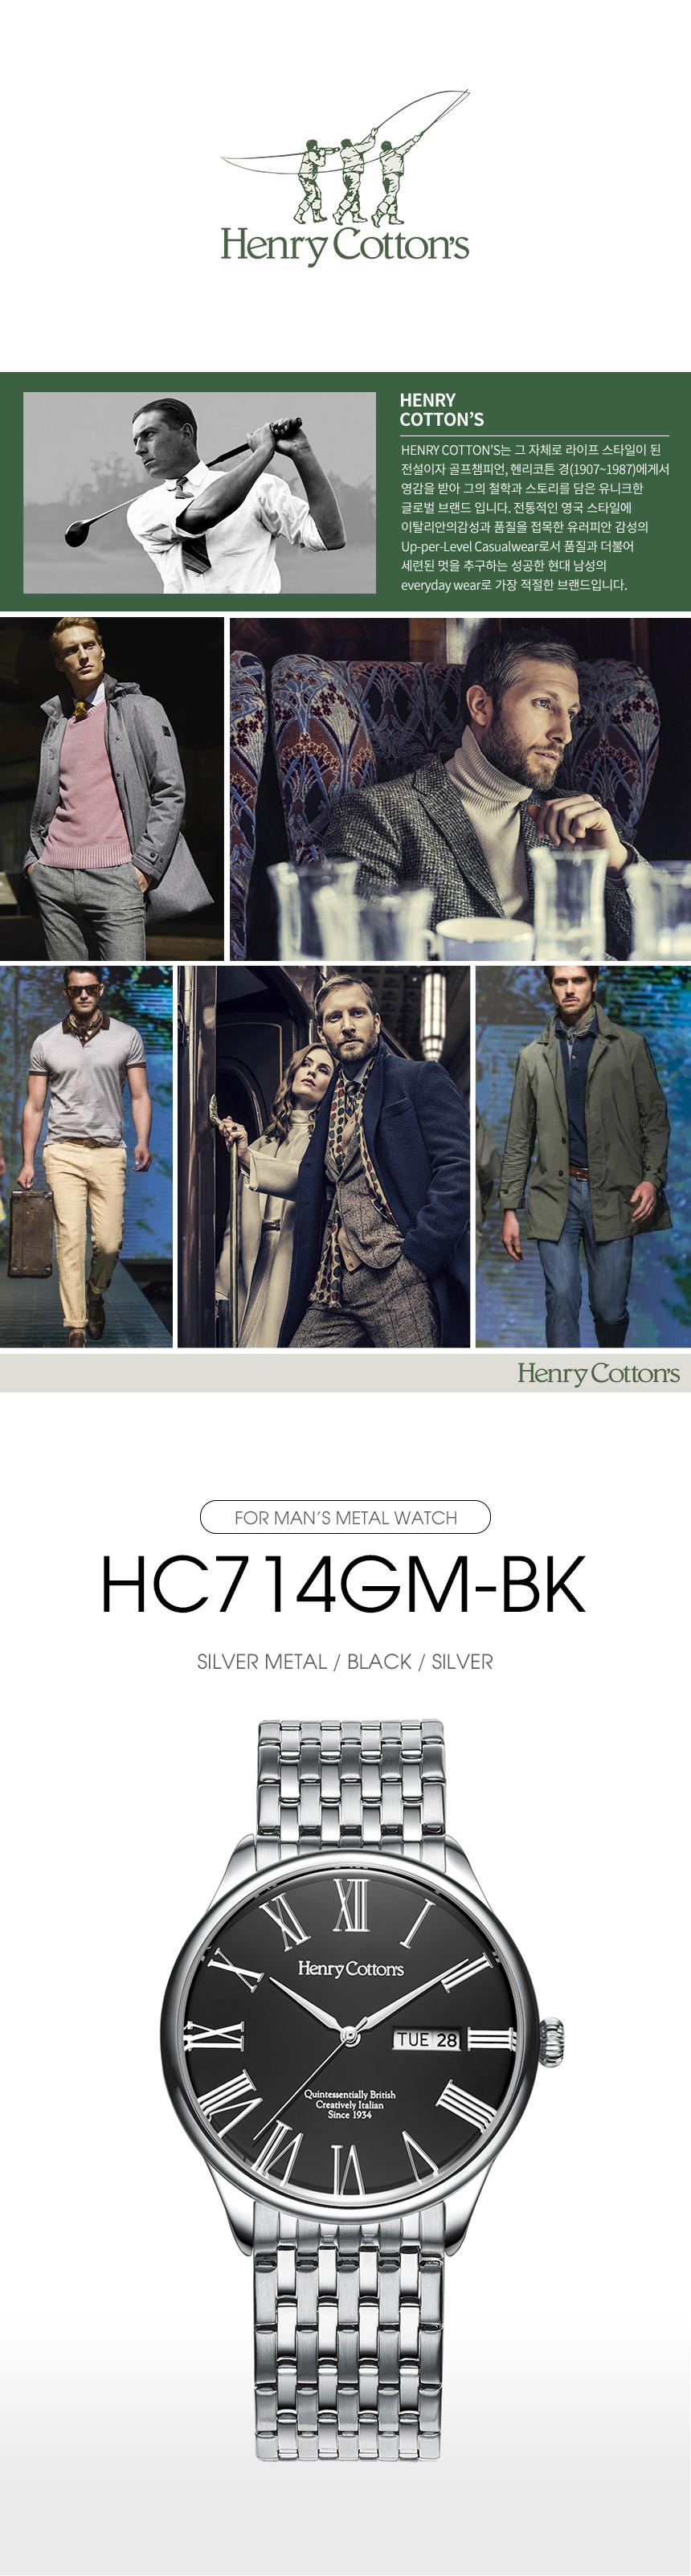 헨리코튼(HENRY COTTON'S) 남자 데이데이트 메탈시계 HC714GM-BK